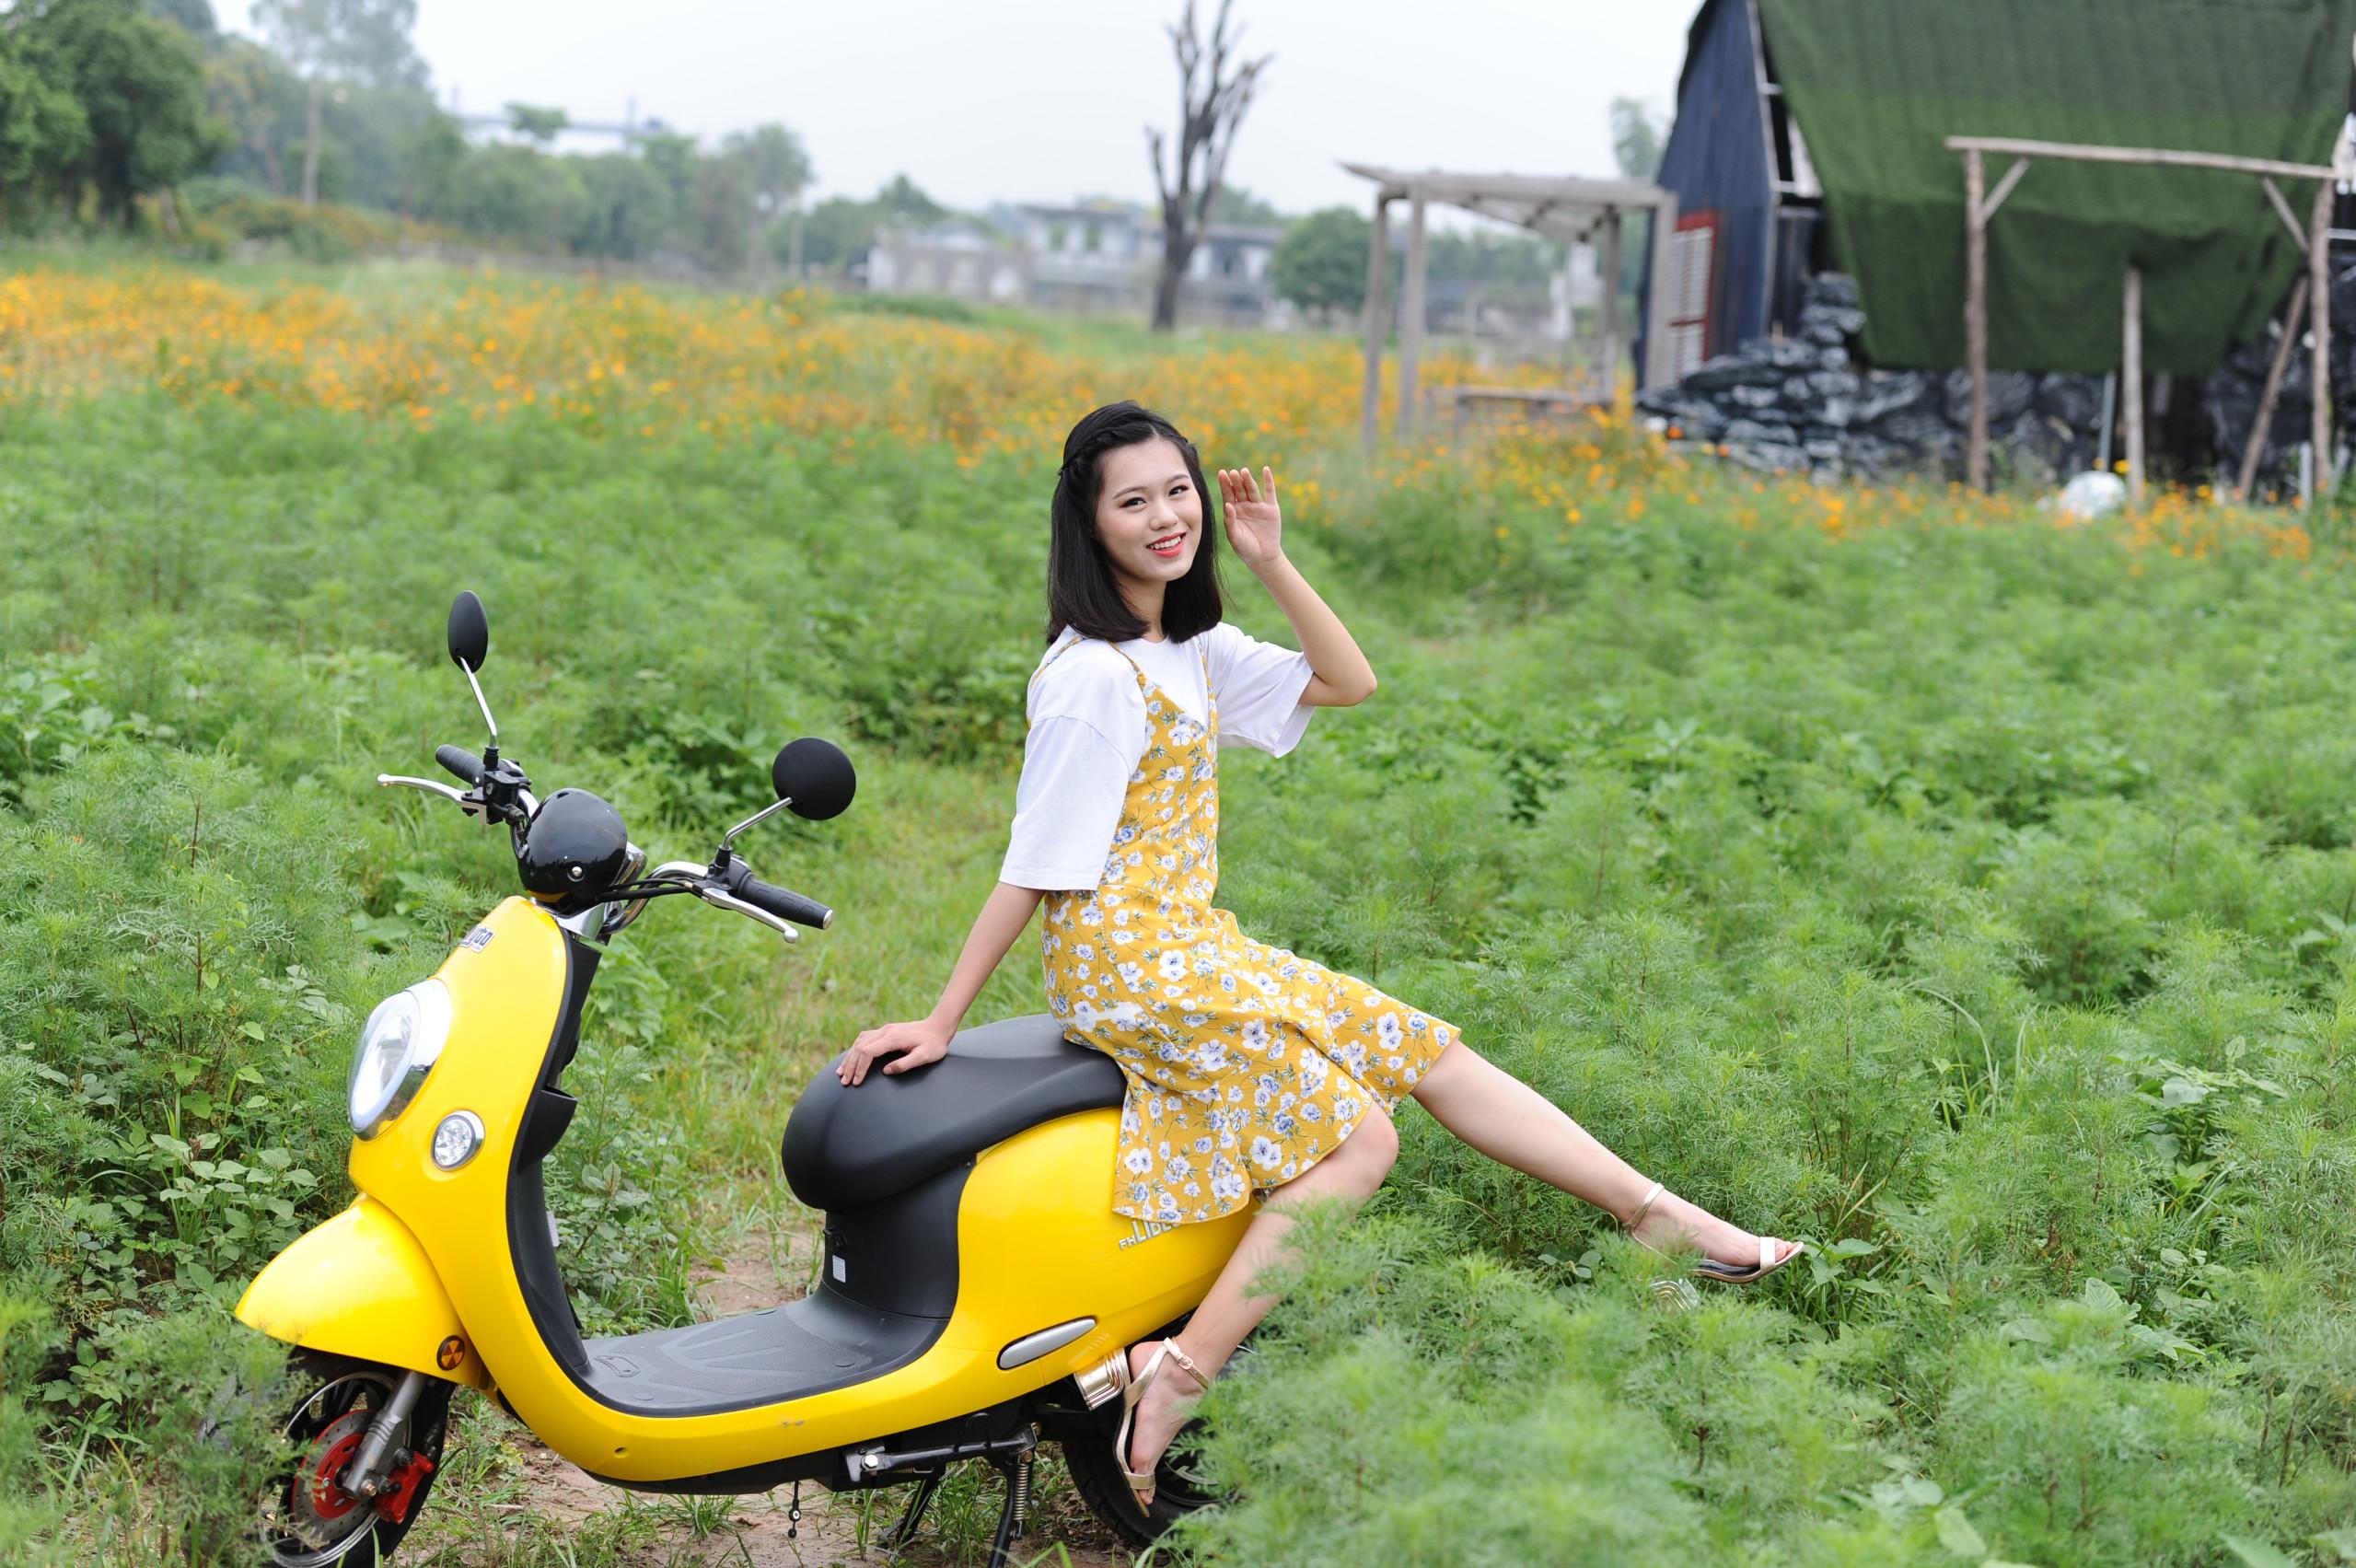 Xe máy điện Libecta được rất nhiều bạn nữ trẻ yêu thích